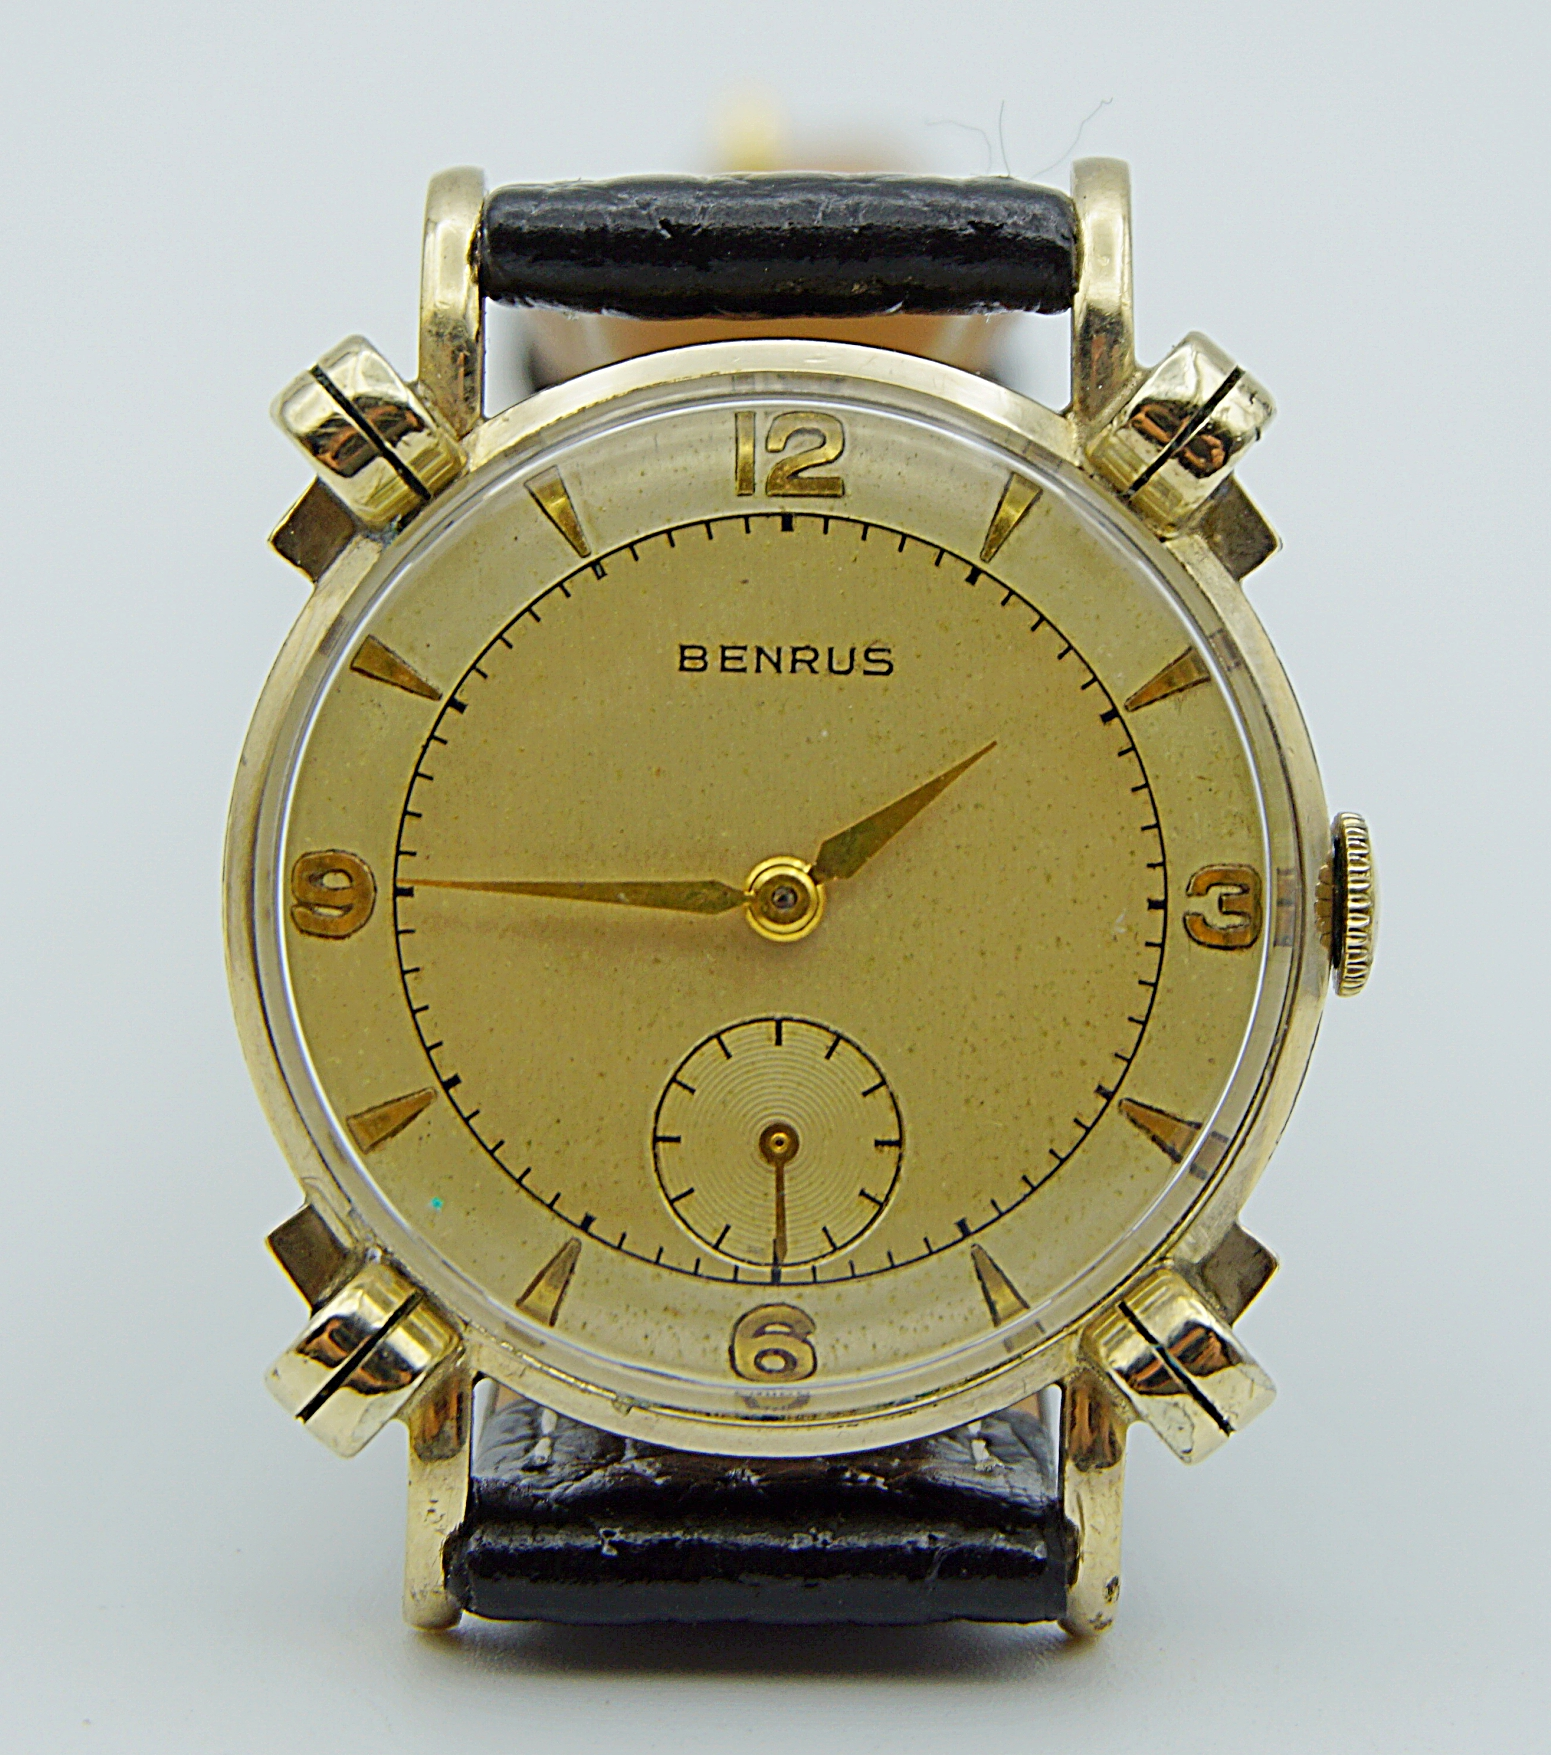 นาฬิกาเก่า BENRUS ไขลานสองเข็มครึ่ง